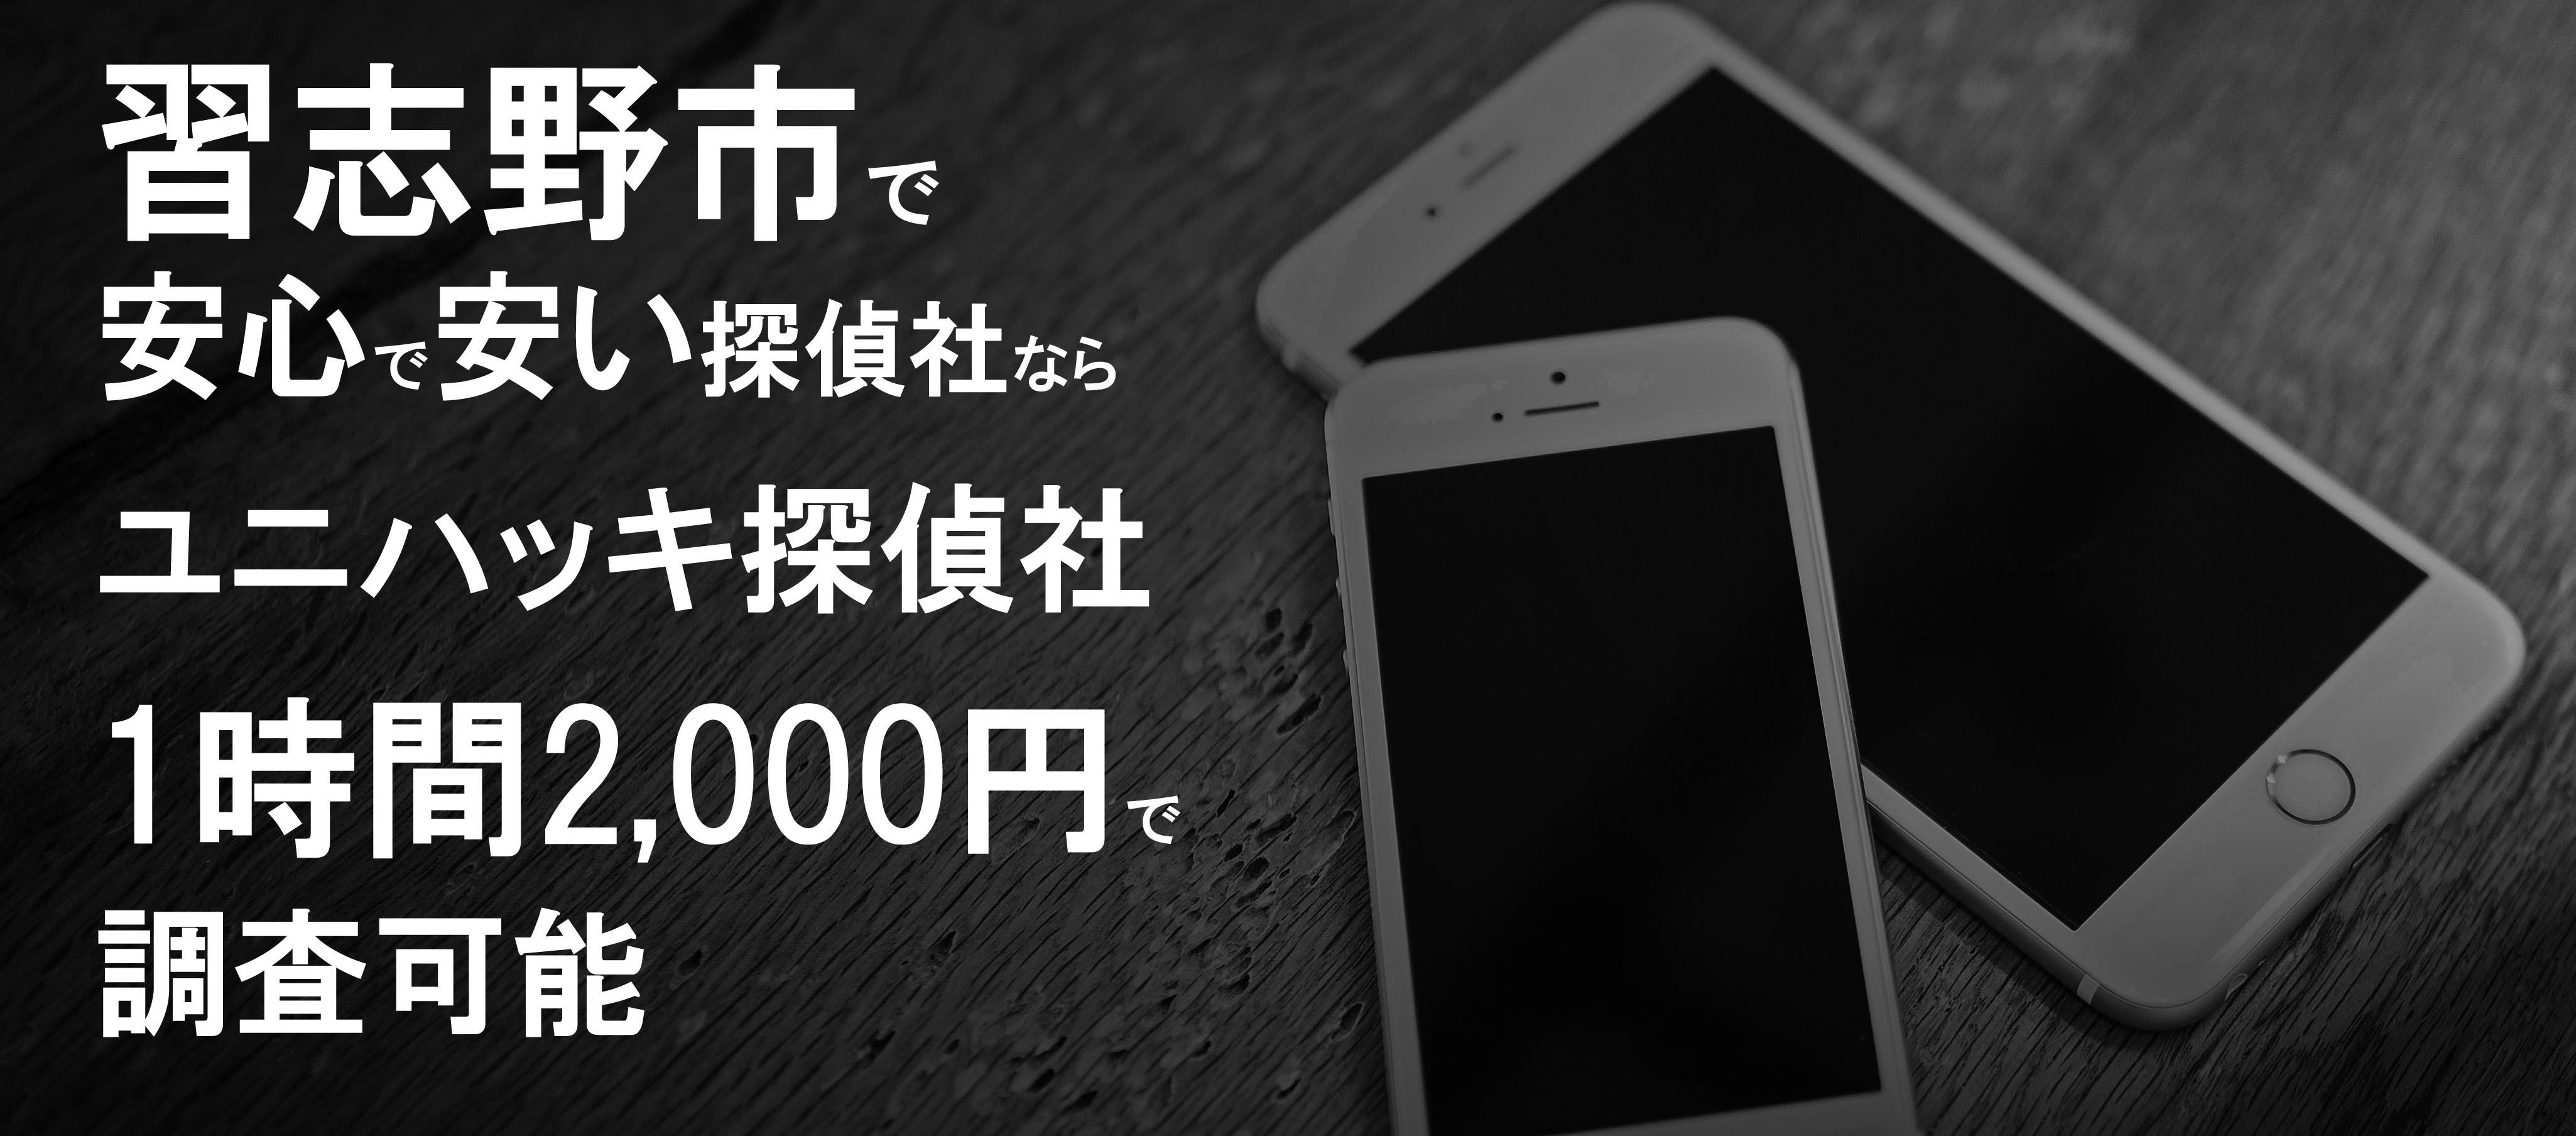 習志野で探偵なら1時間2000円で調査